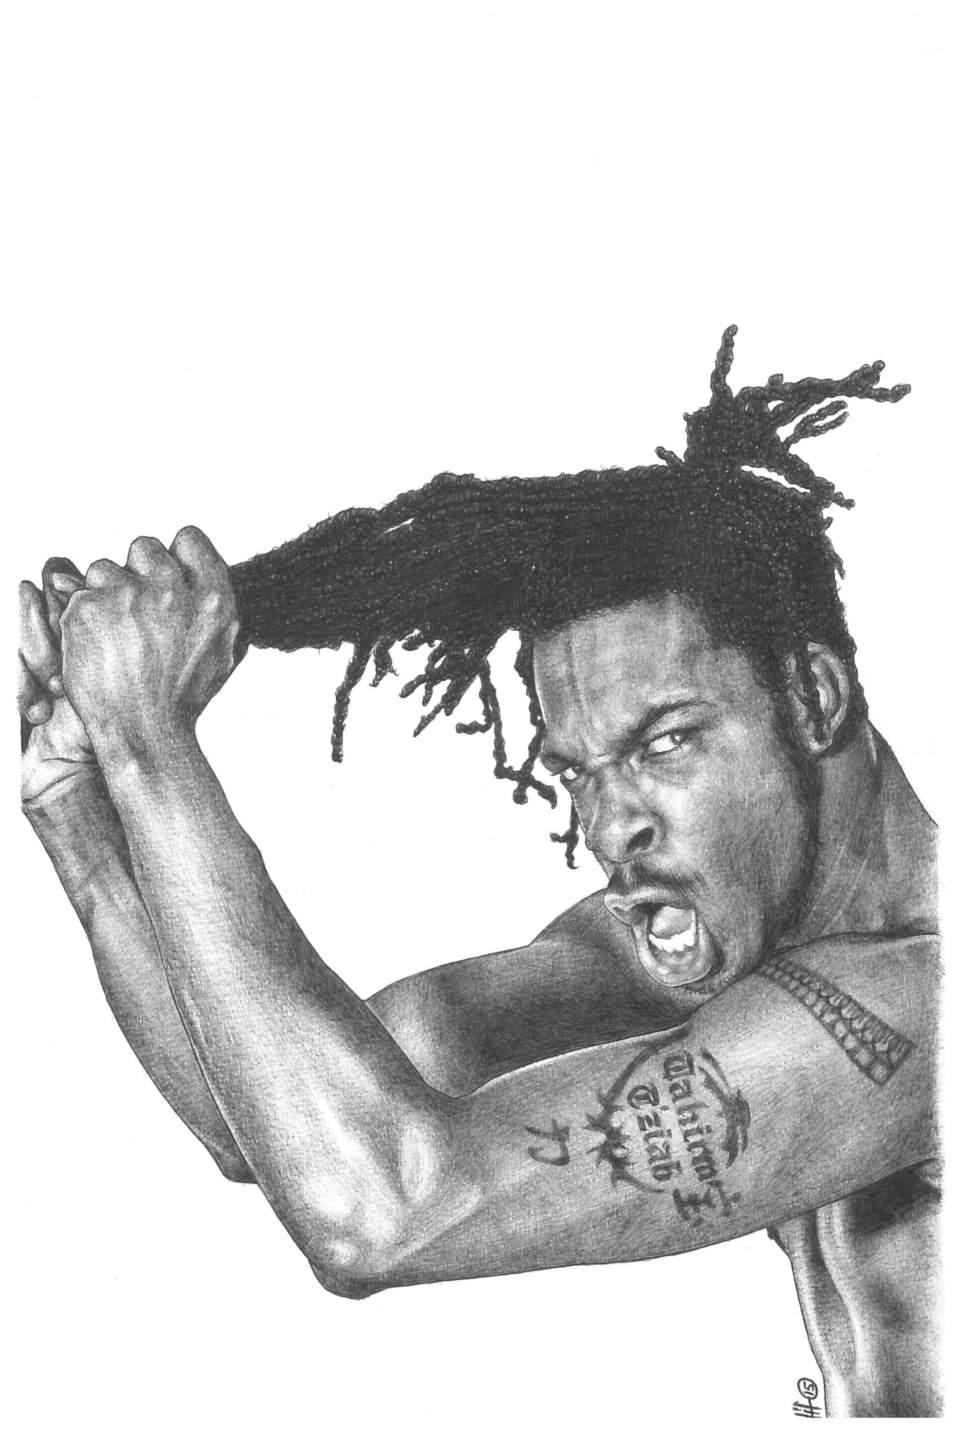 Busta Rhymes - Alif King